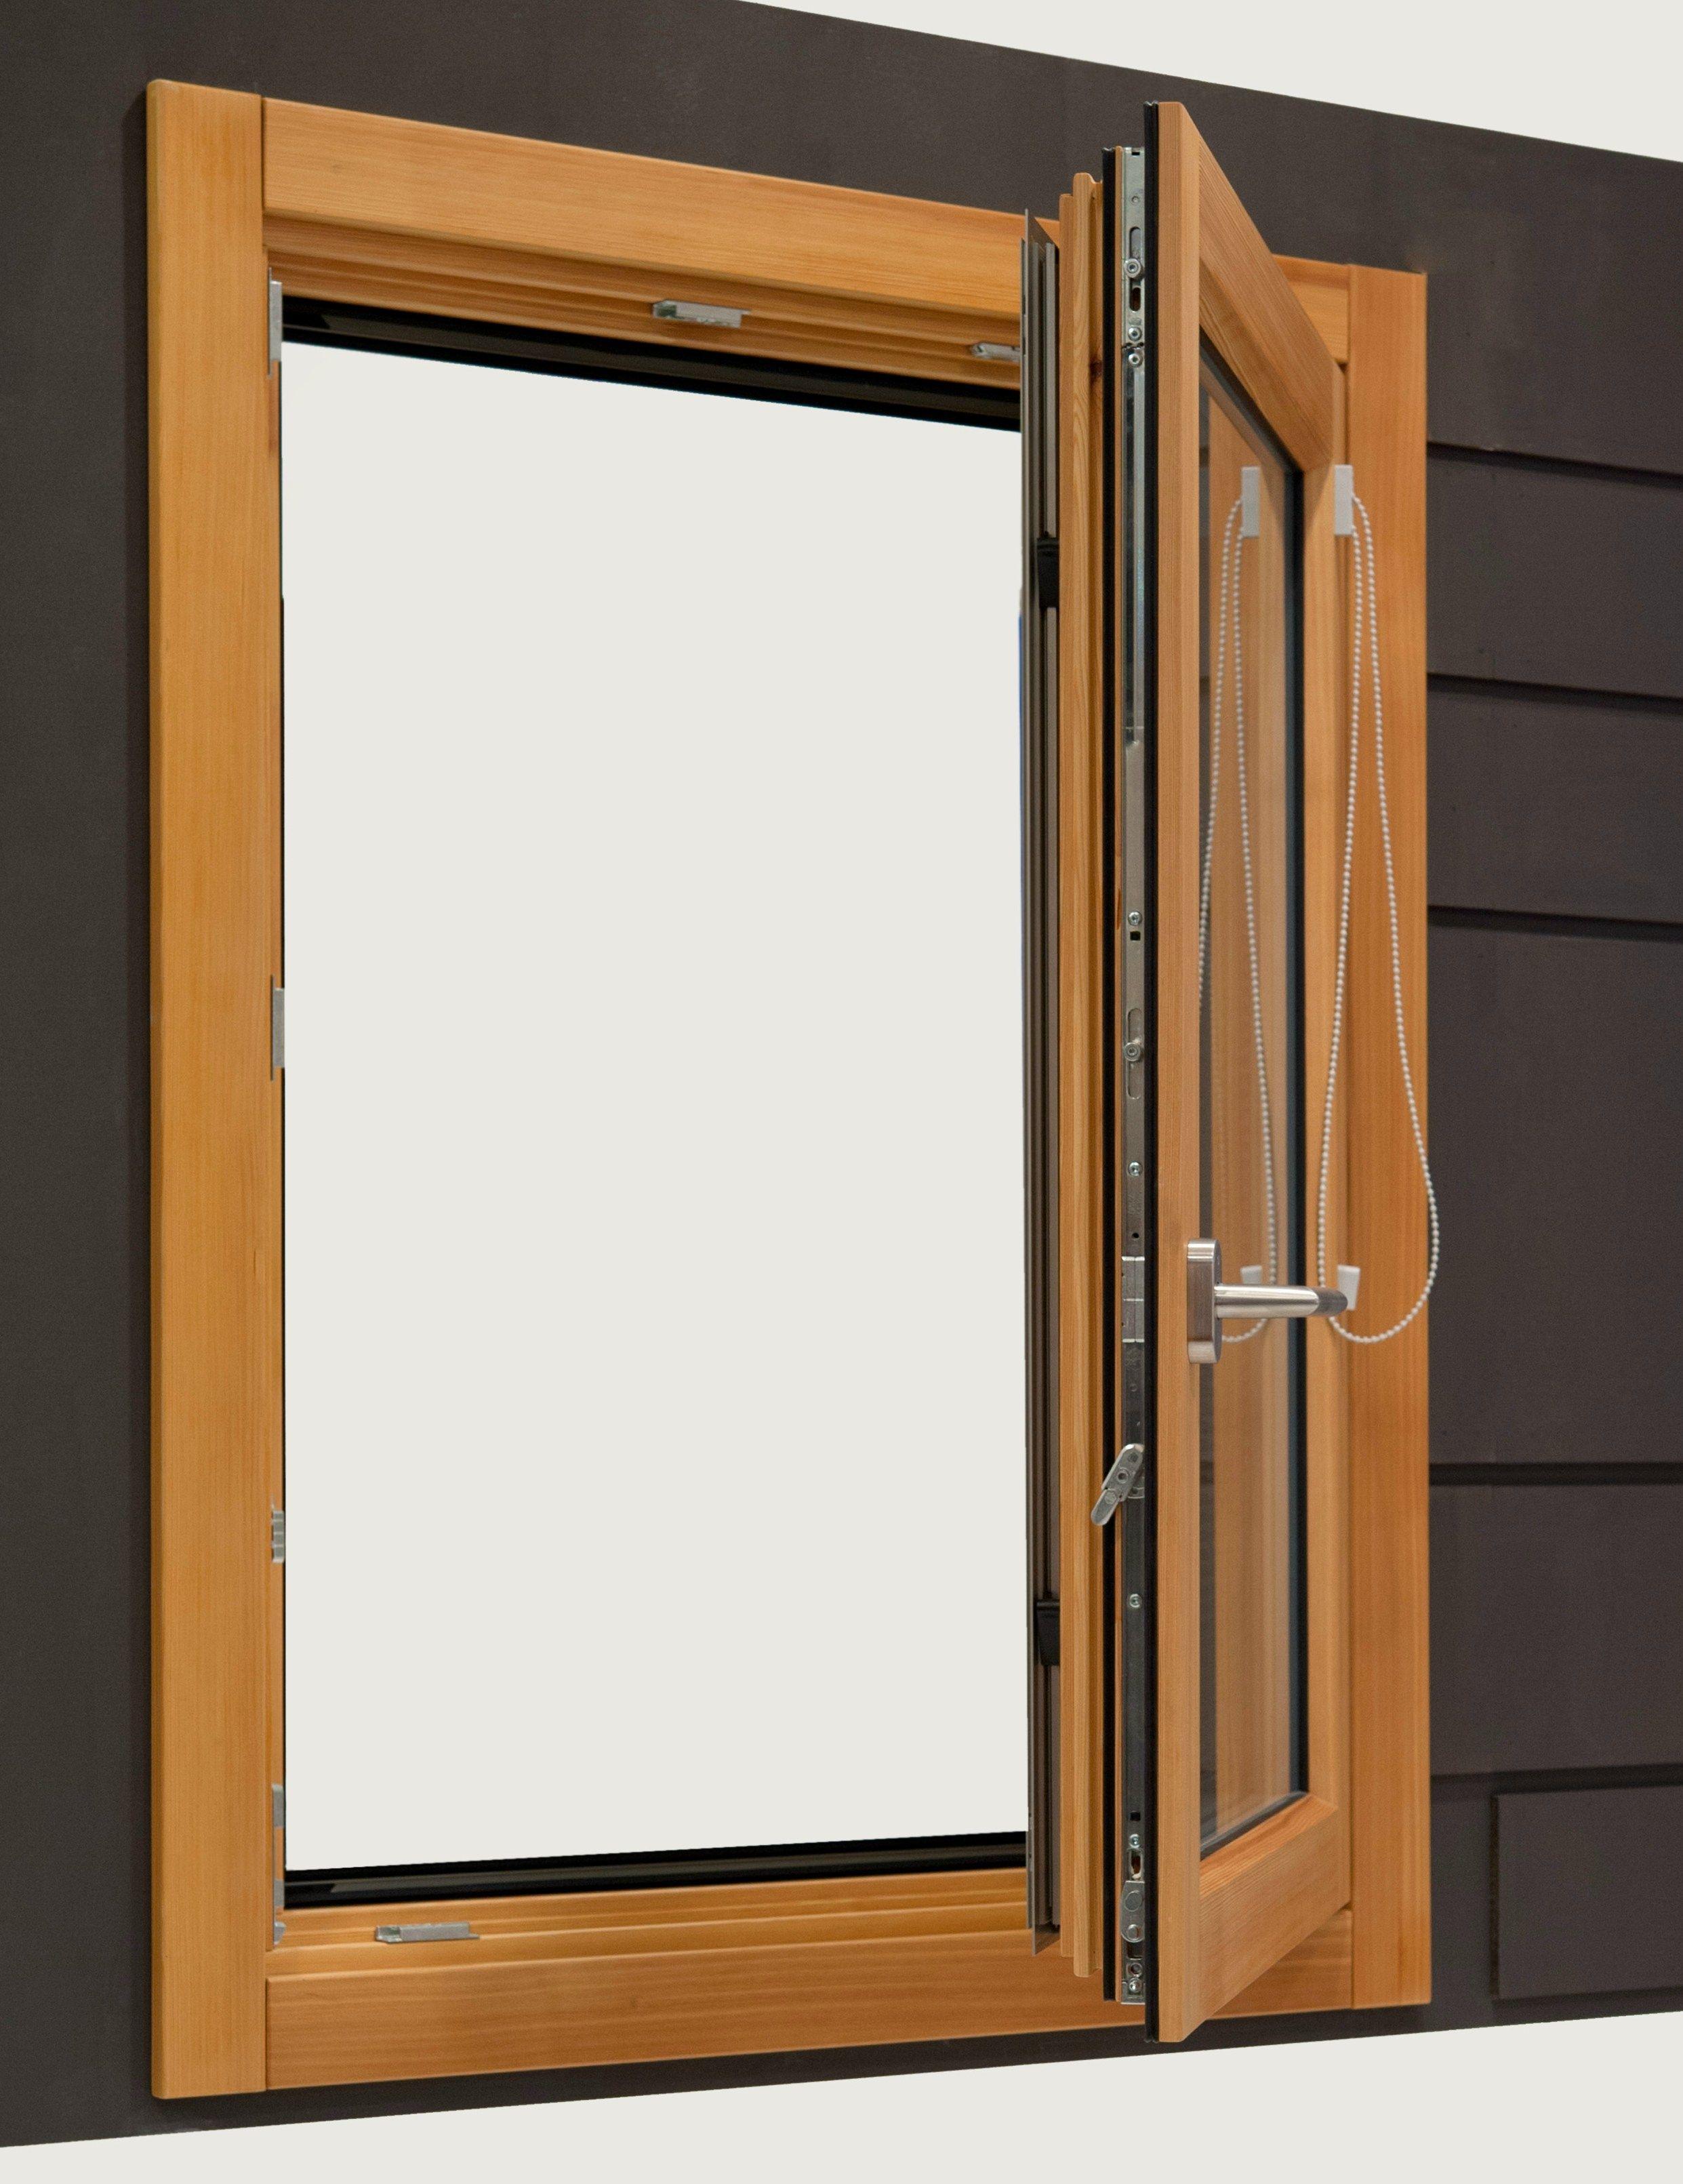 #764B23 invólucro janelas janelas janelas de alumínio madeira 1642 Janela De Aluminio Lavanderia